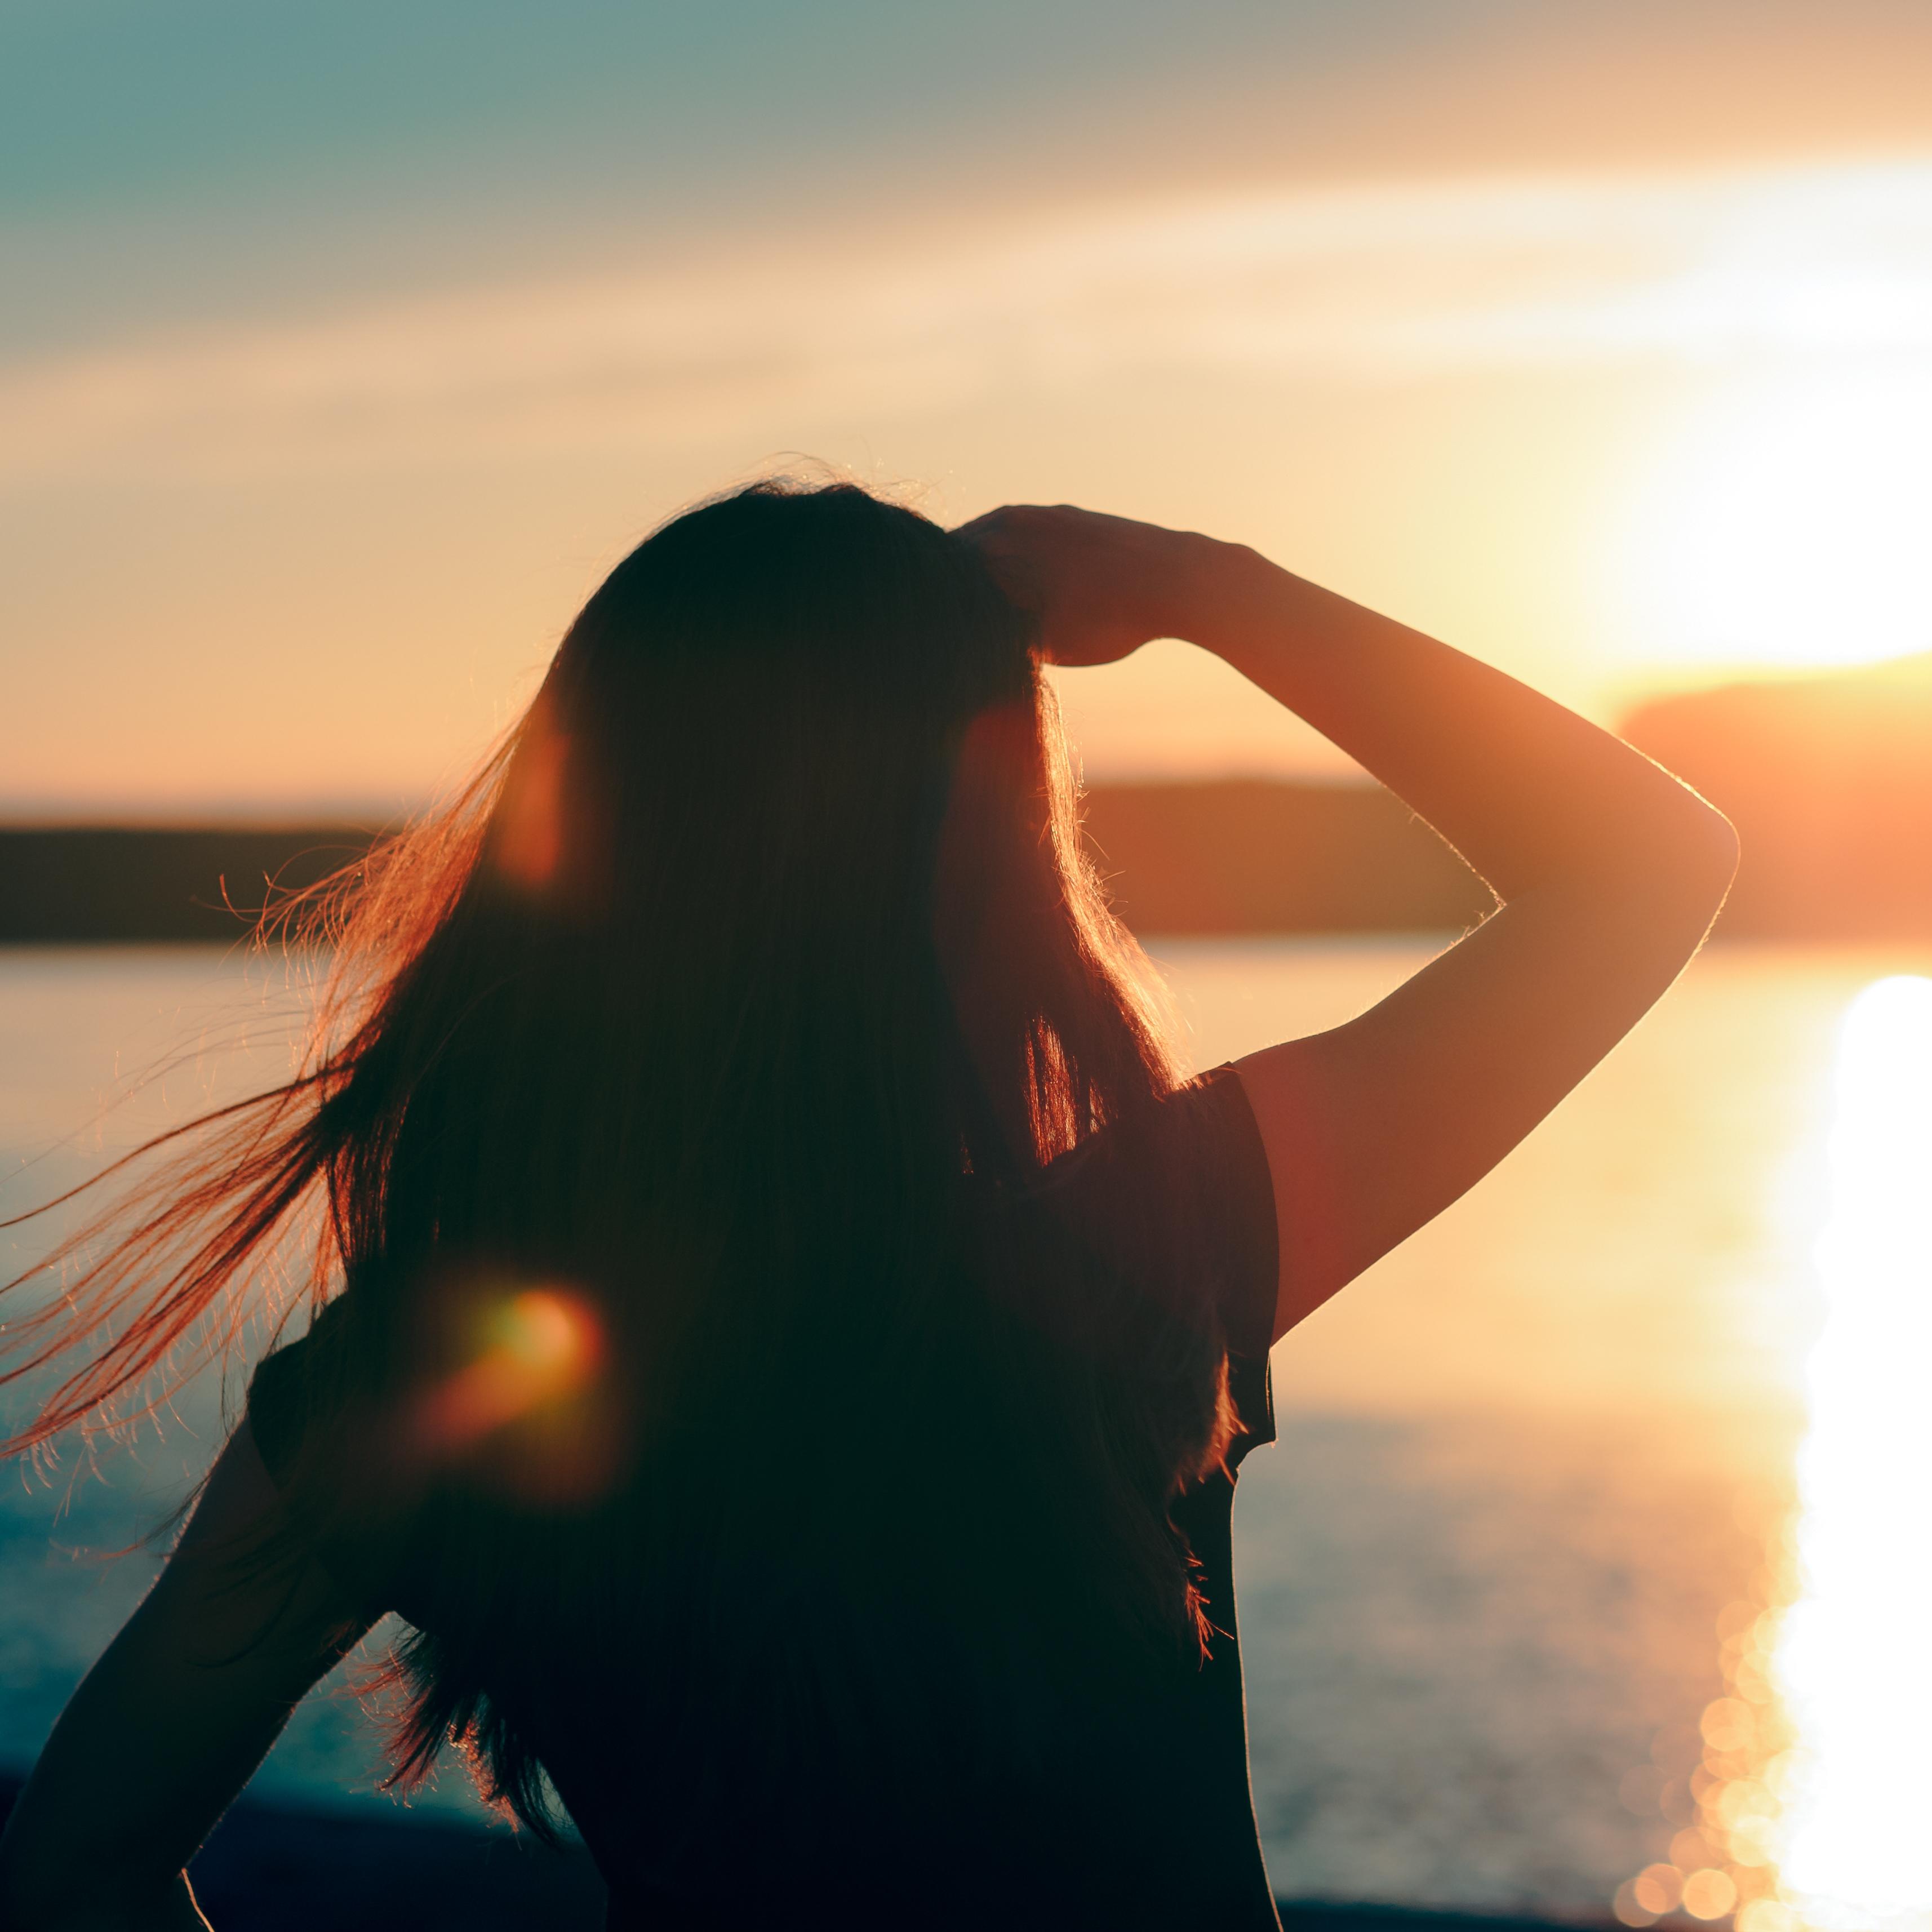 Χαμηλή βιταμίνη D: Βοηθά ο ήλιος στην αντιμετώπισή της;